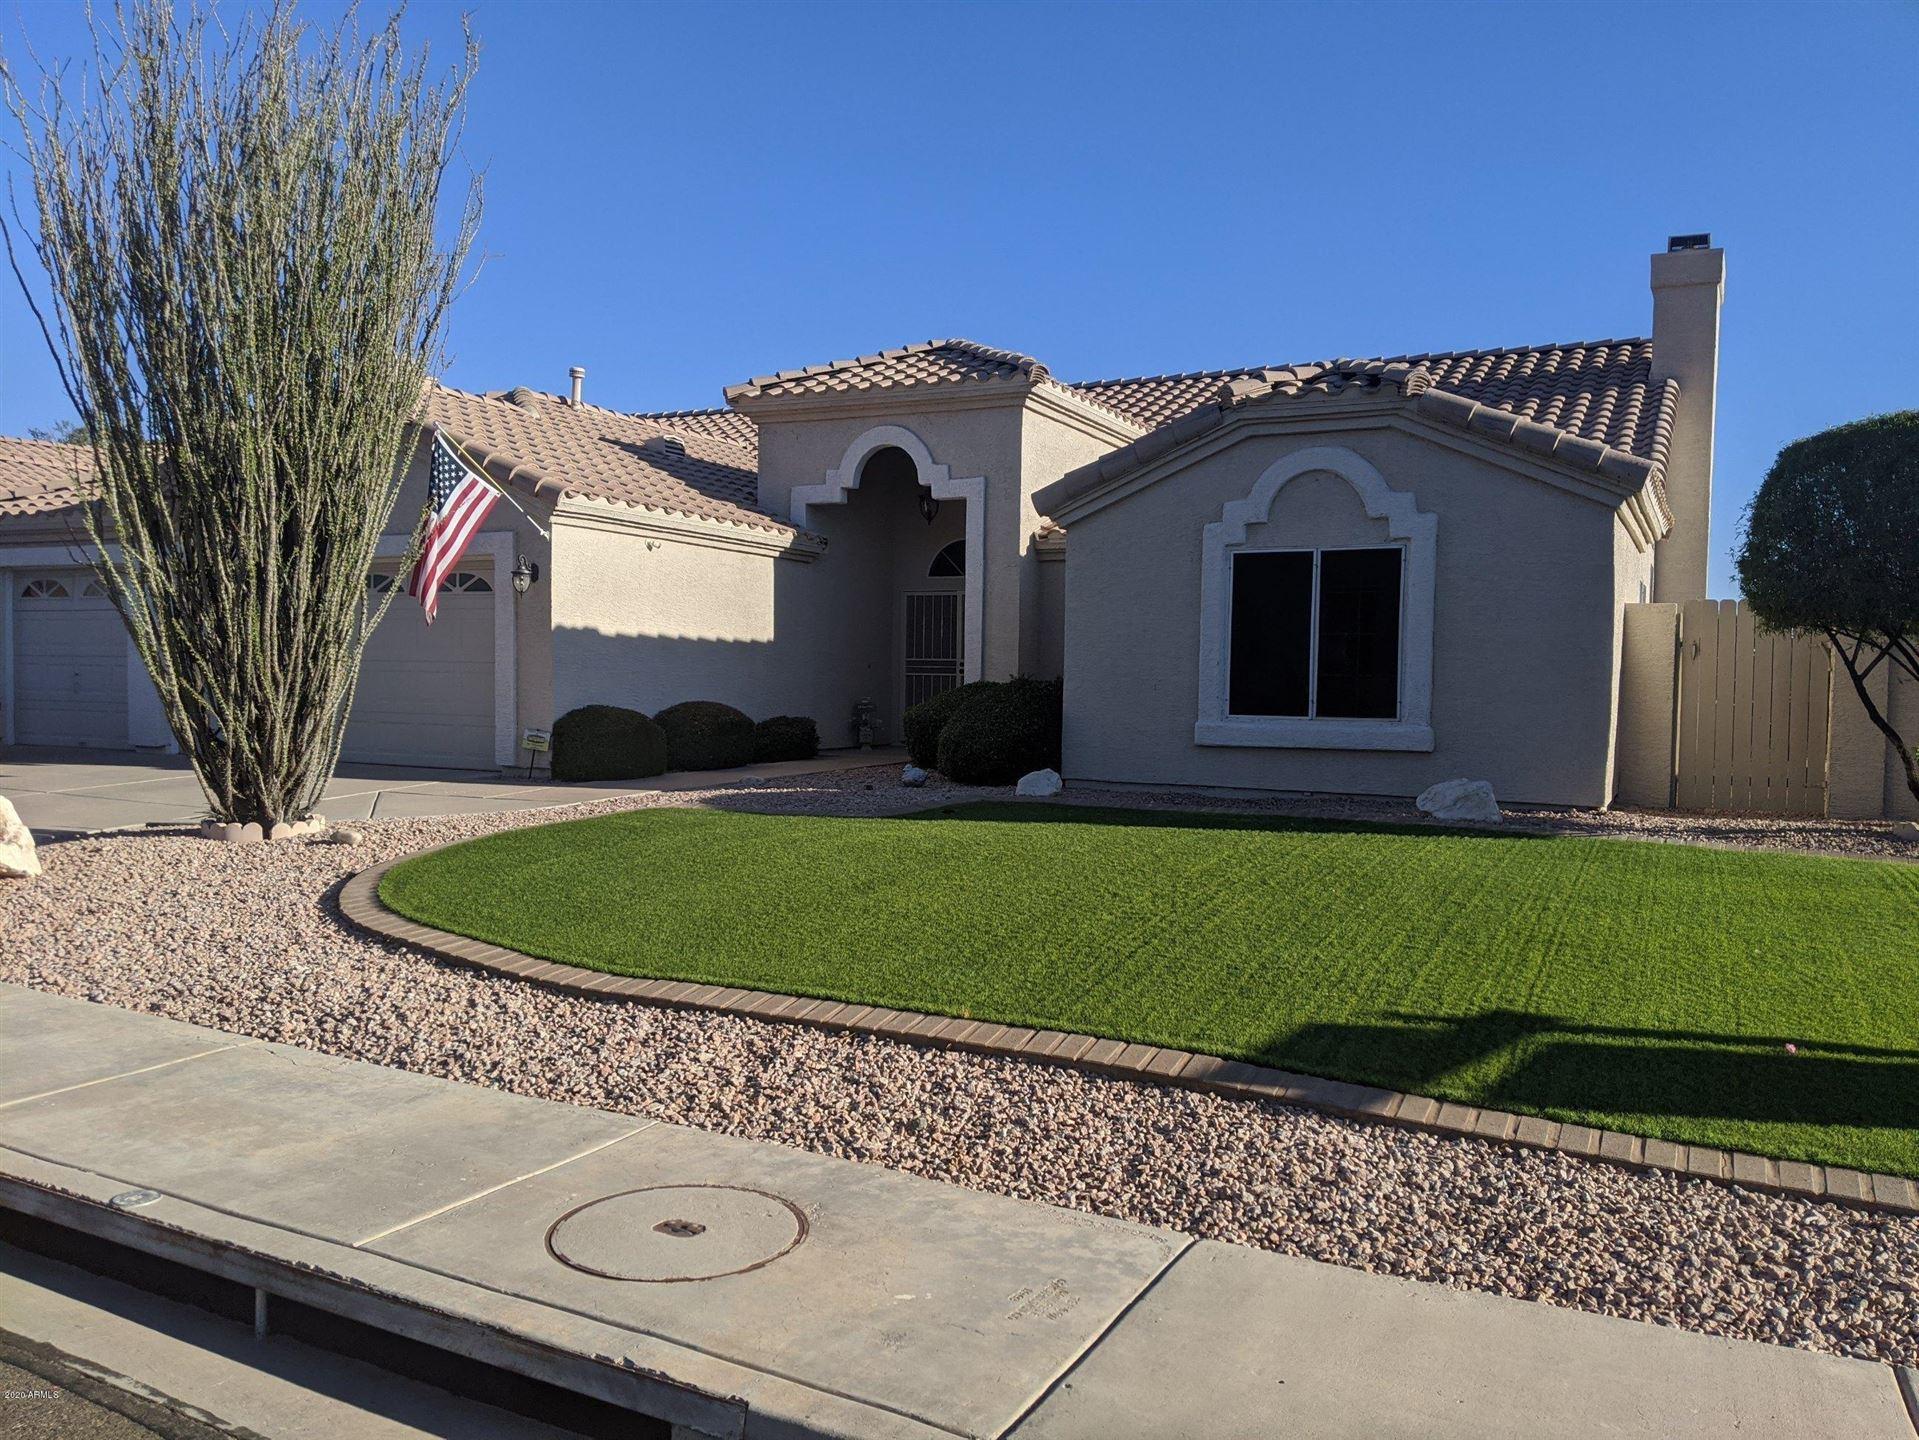 719 W MUIRWOOD Drive, Phoenix, AZ 85045 - MLS#: 6162752